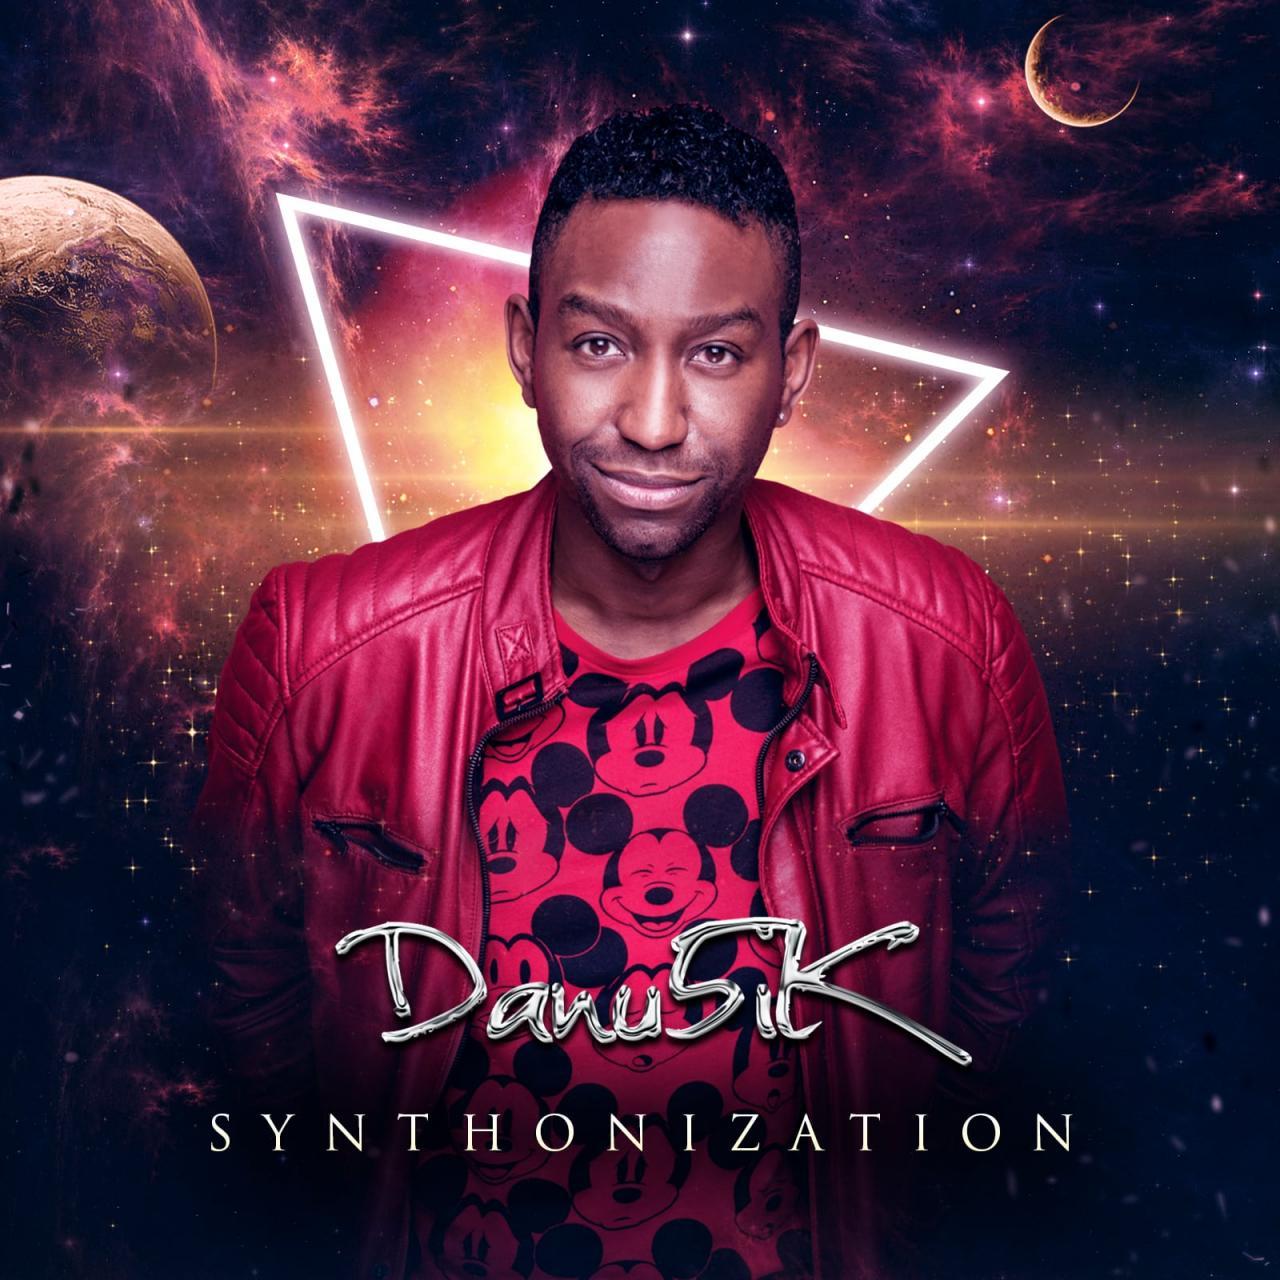 Danu5ik Synthonization